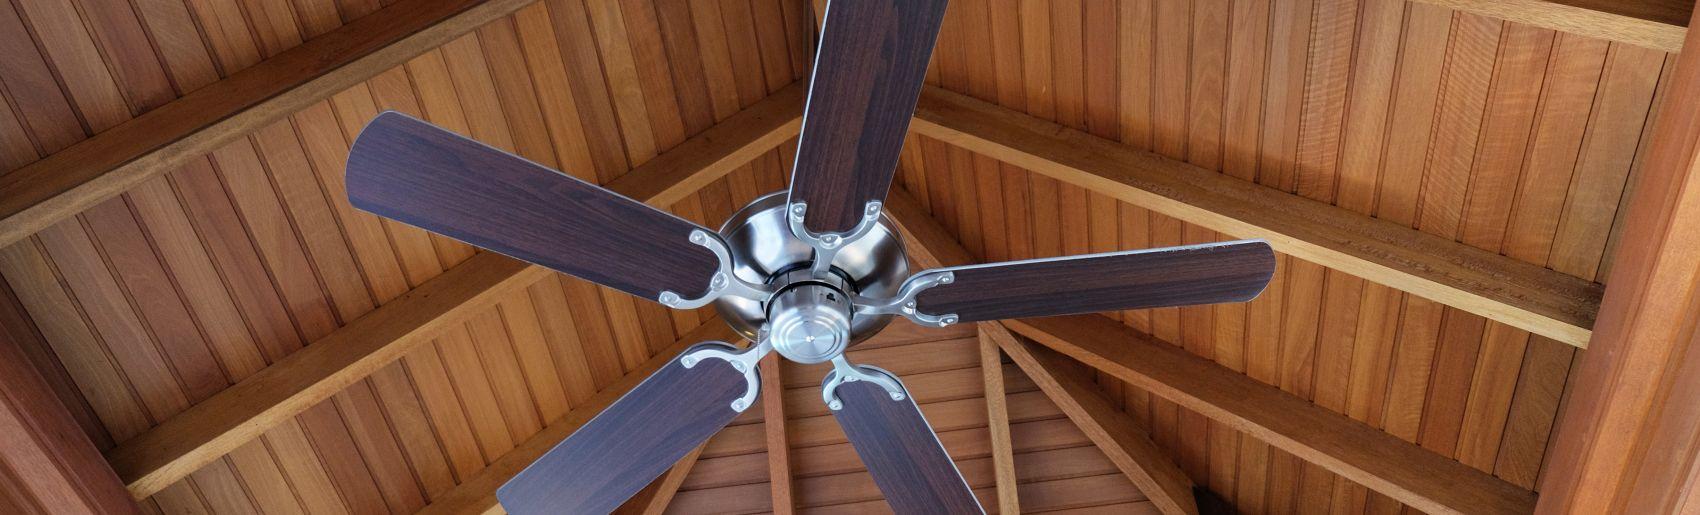 albuquerque ceiling fan repairs